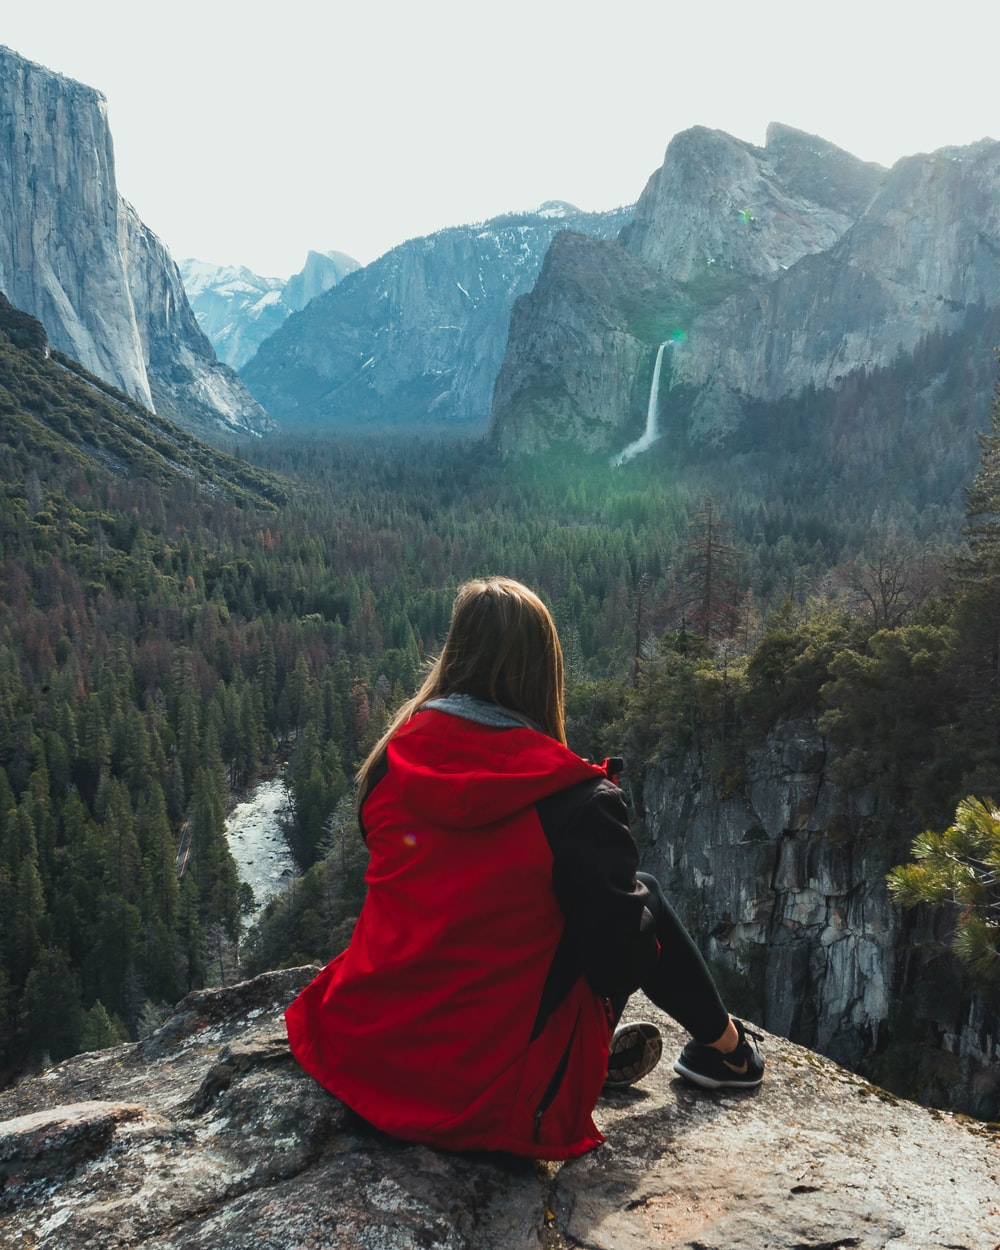 woman wears red hoodie jacket